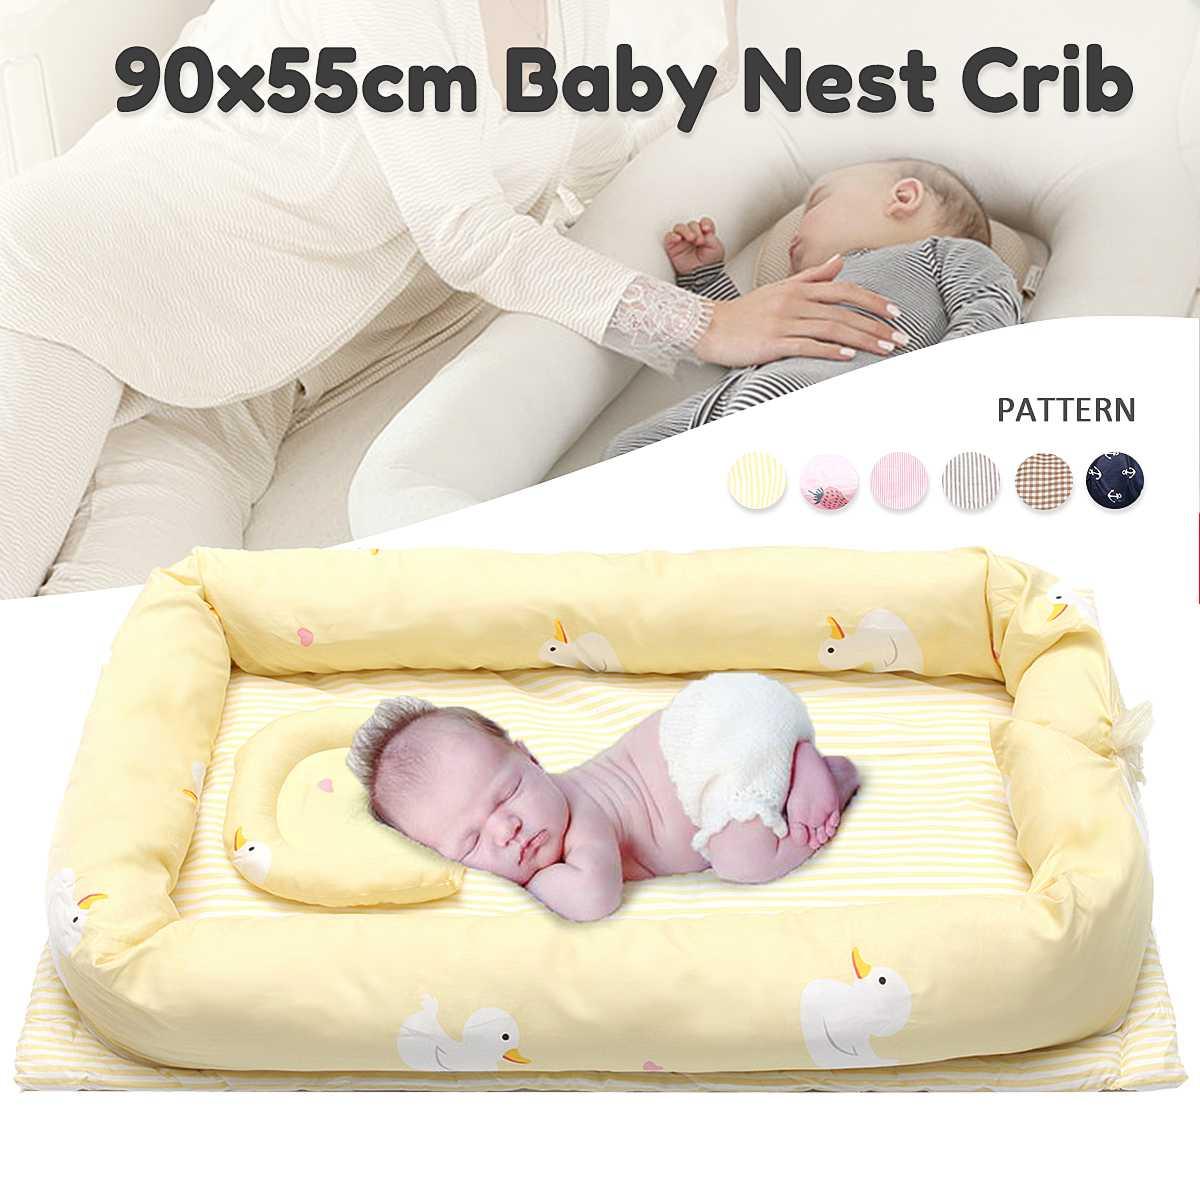 Lit de voyage pliable Portable nouveau-né avec matelas de lit pare-chocs lit de bébé multifonctionnel avec oreiller sac pour bébé 90x55x15 cm